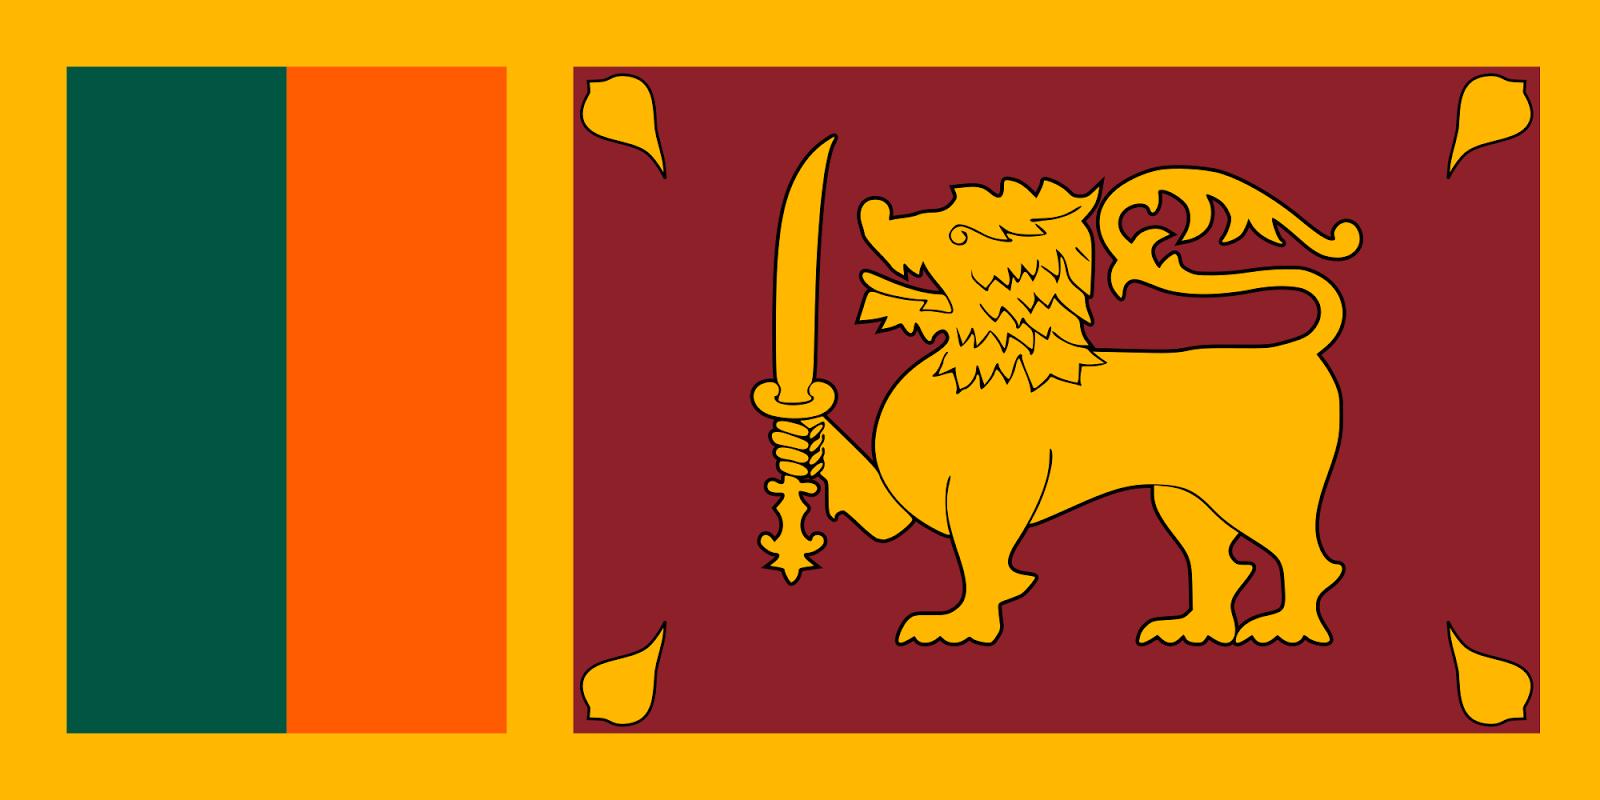 pour les observateurs cest un des rares drapeaux nationaux avec celui du qatar comporter la couleur pourpre cest assez remarquable pour le prciser